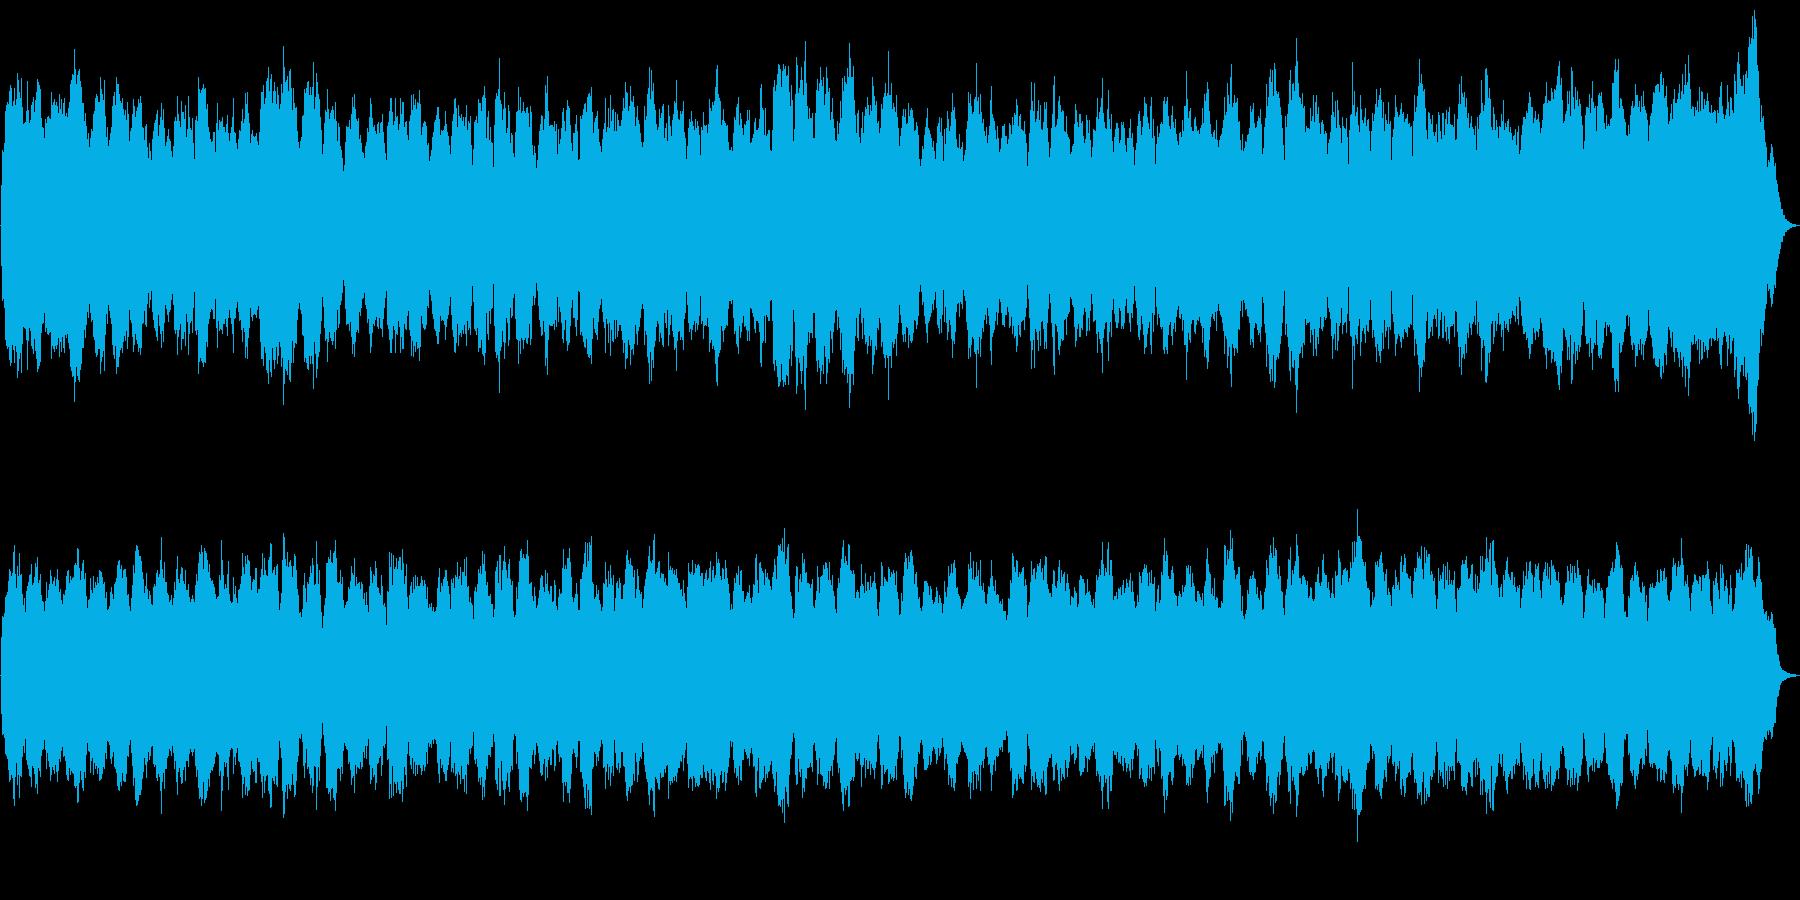 パイプオルガン用オリジナル四声の曲の再生済みの波形